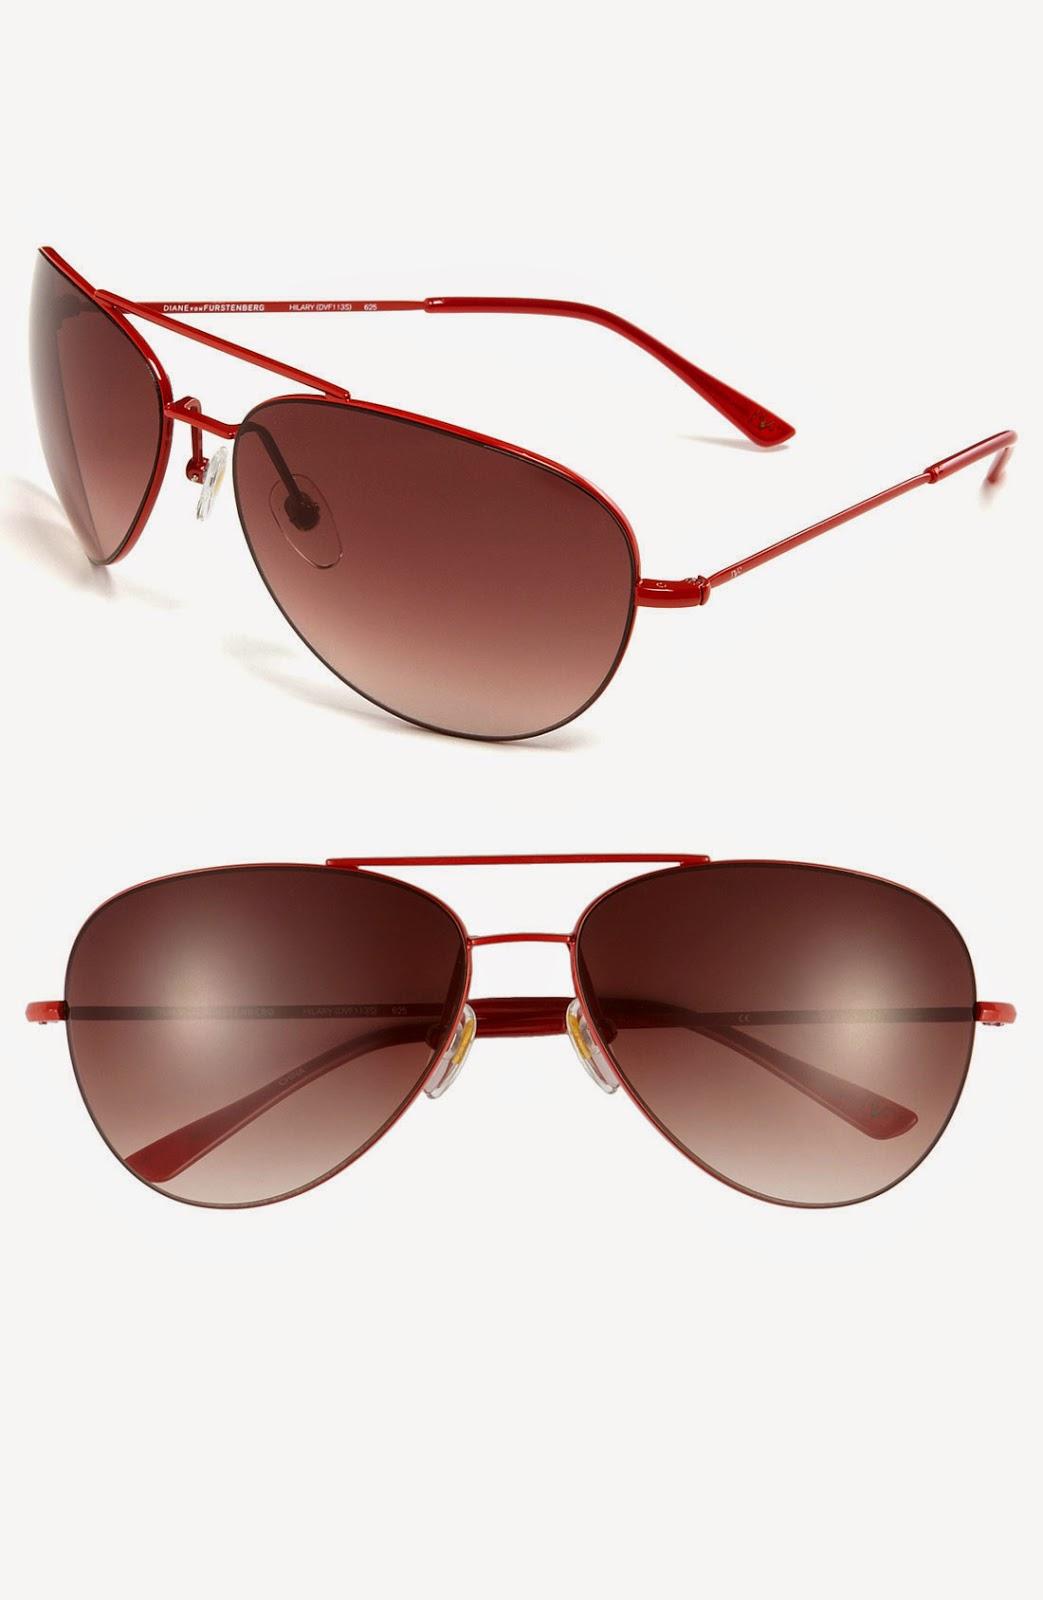 Trendy Glasses 2012 For Men